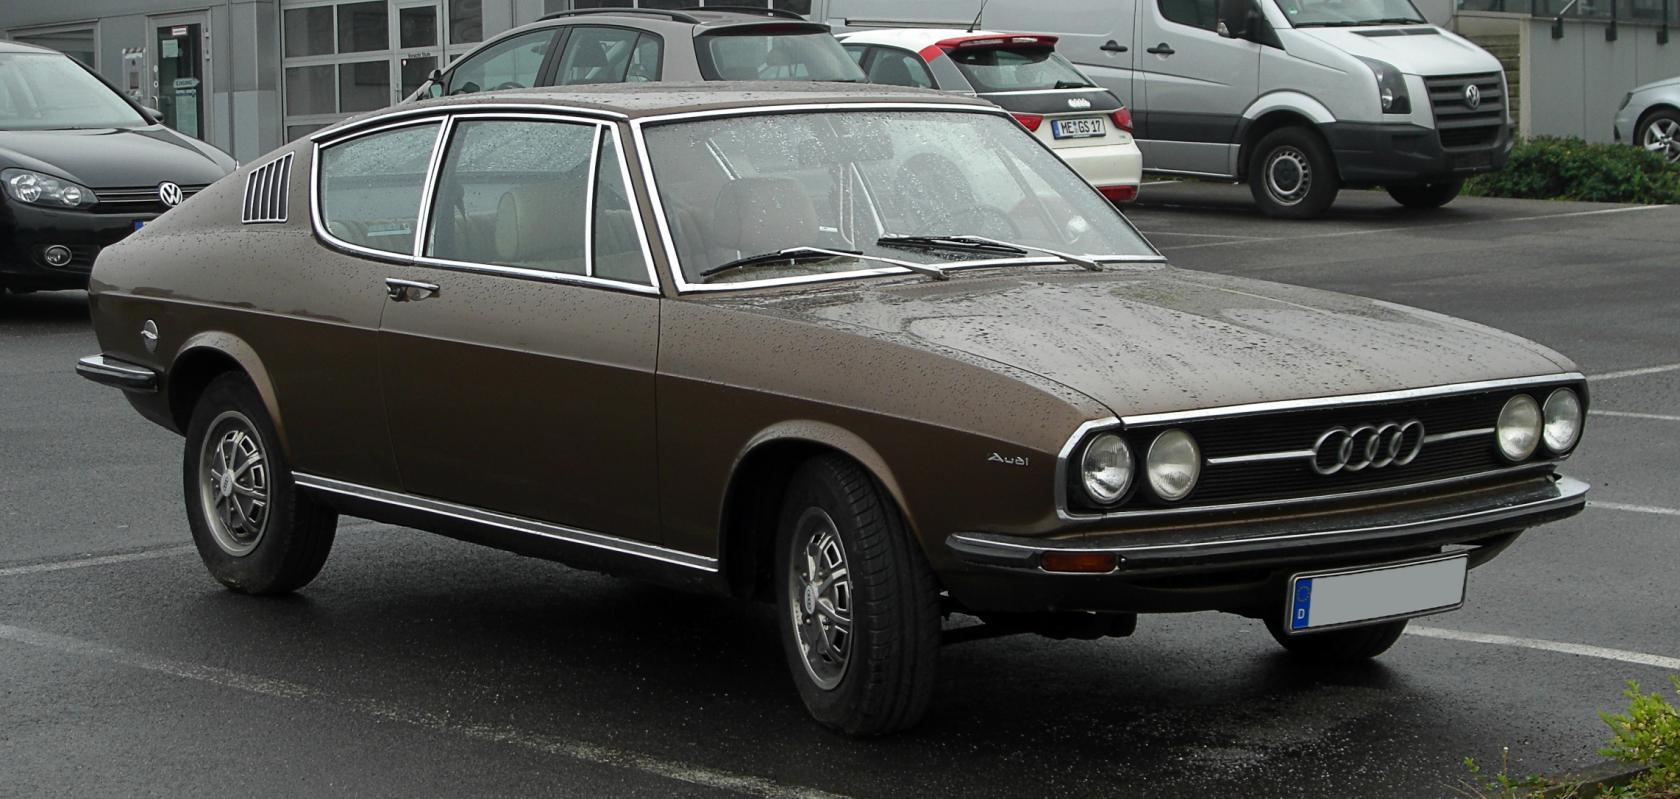 Audi-100-C1-7